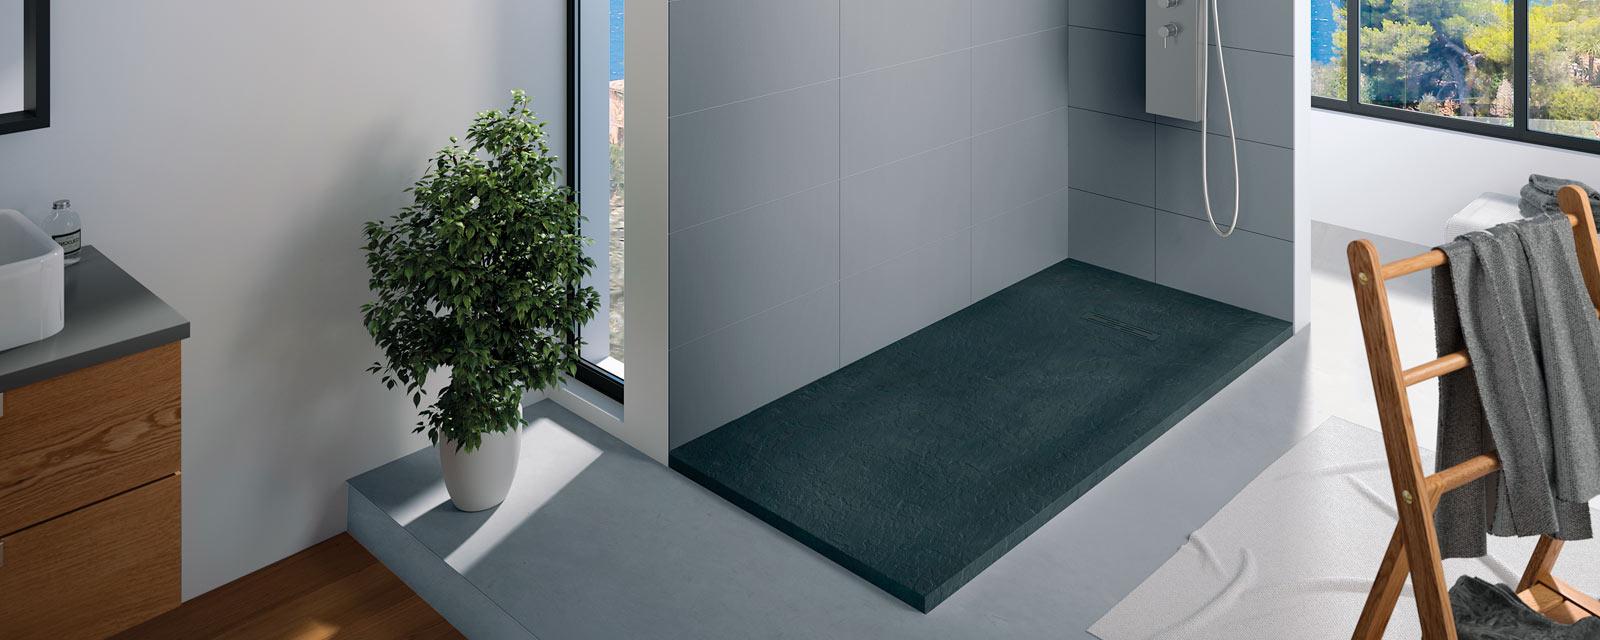 Remplacer une baignoire par une douche guide artisan - Remplacer une baignoire par une douche ...